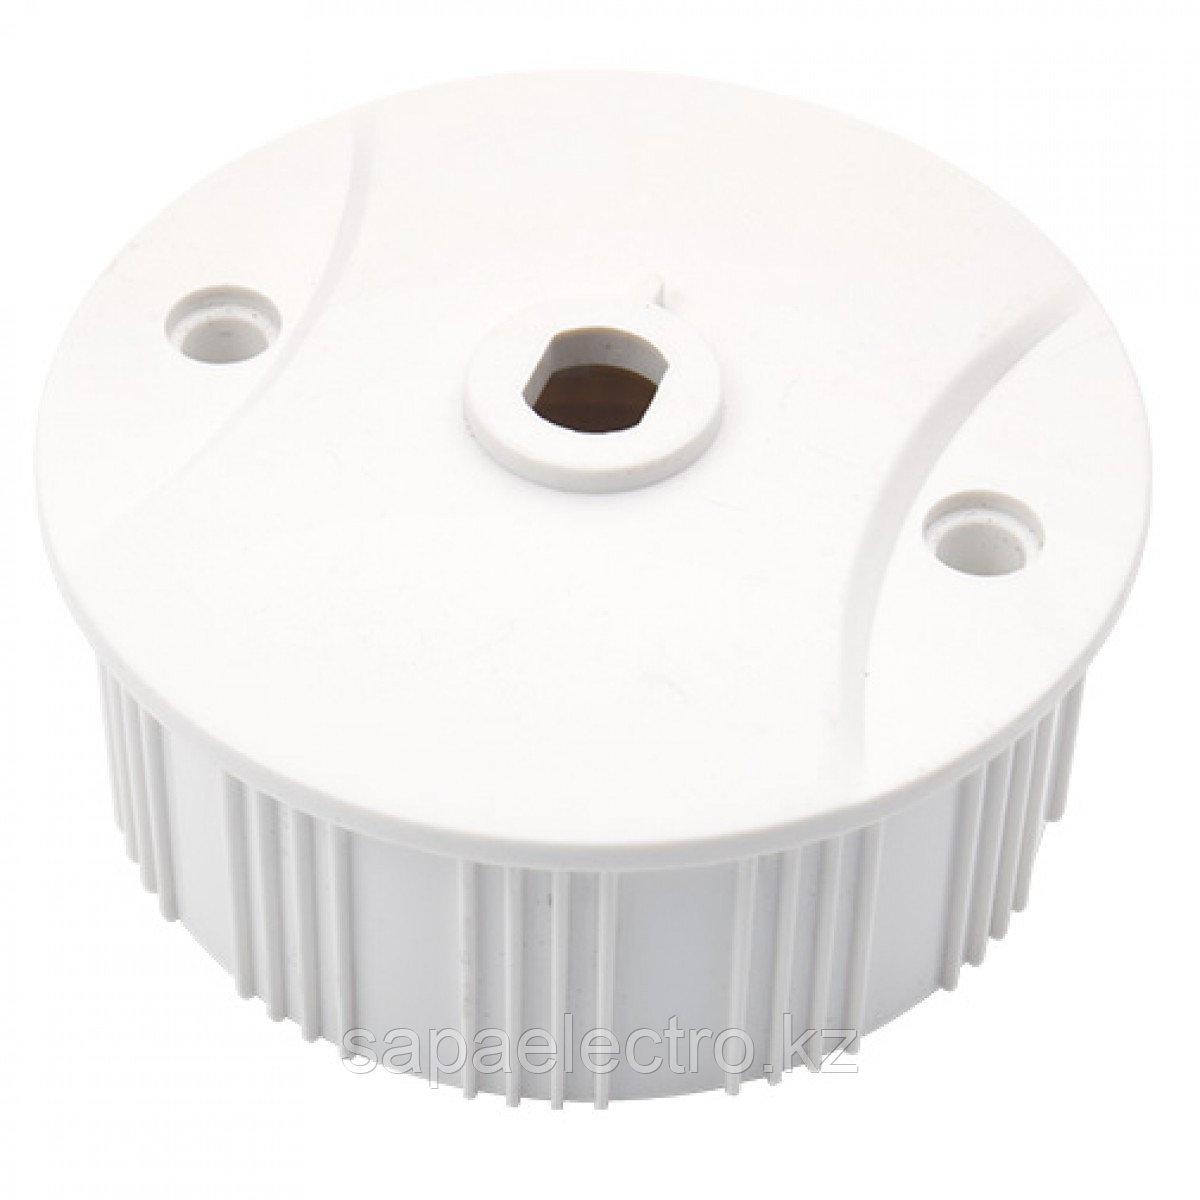 Потолочная основа для LED RS-2263C WHITE